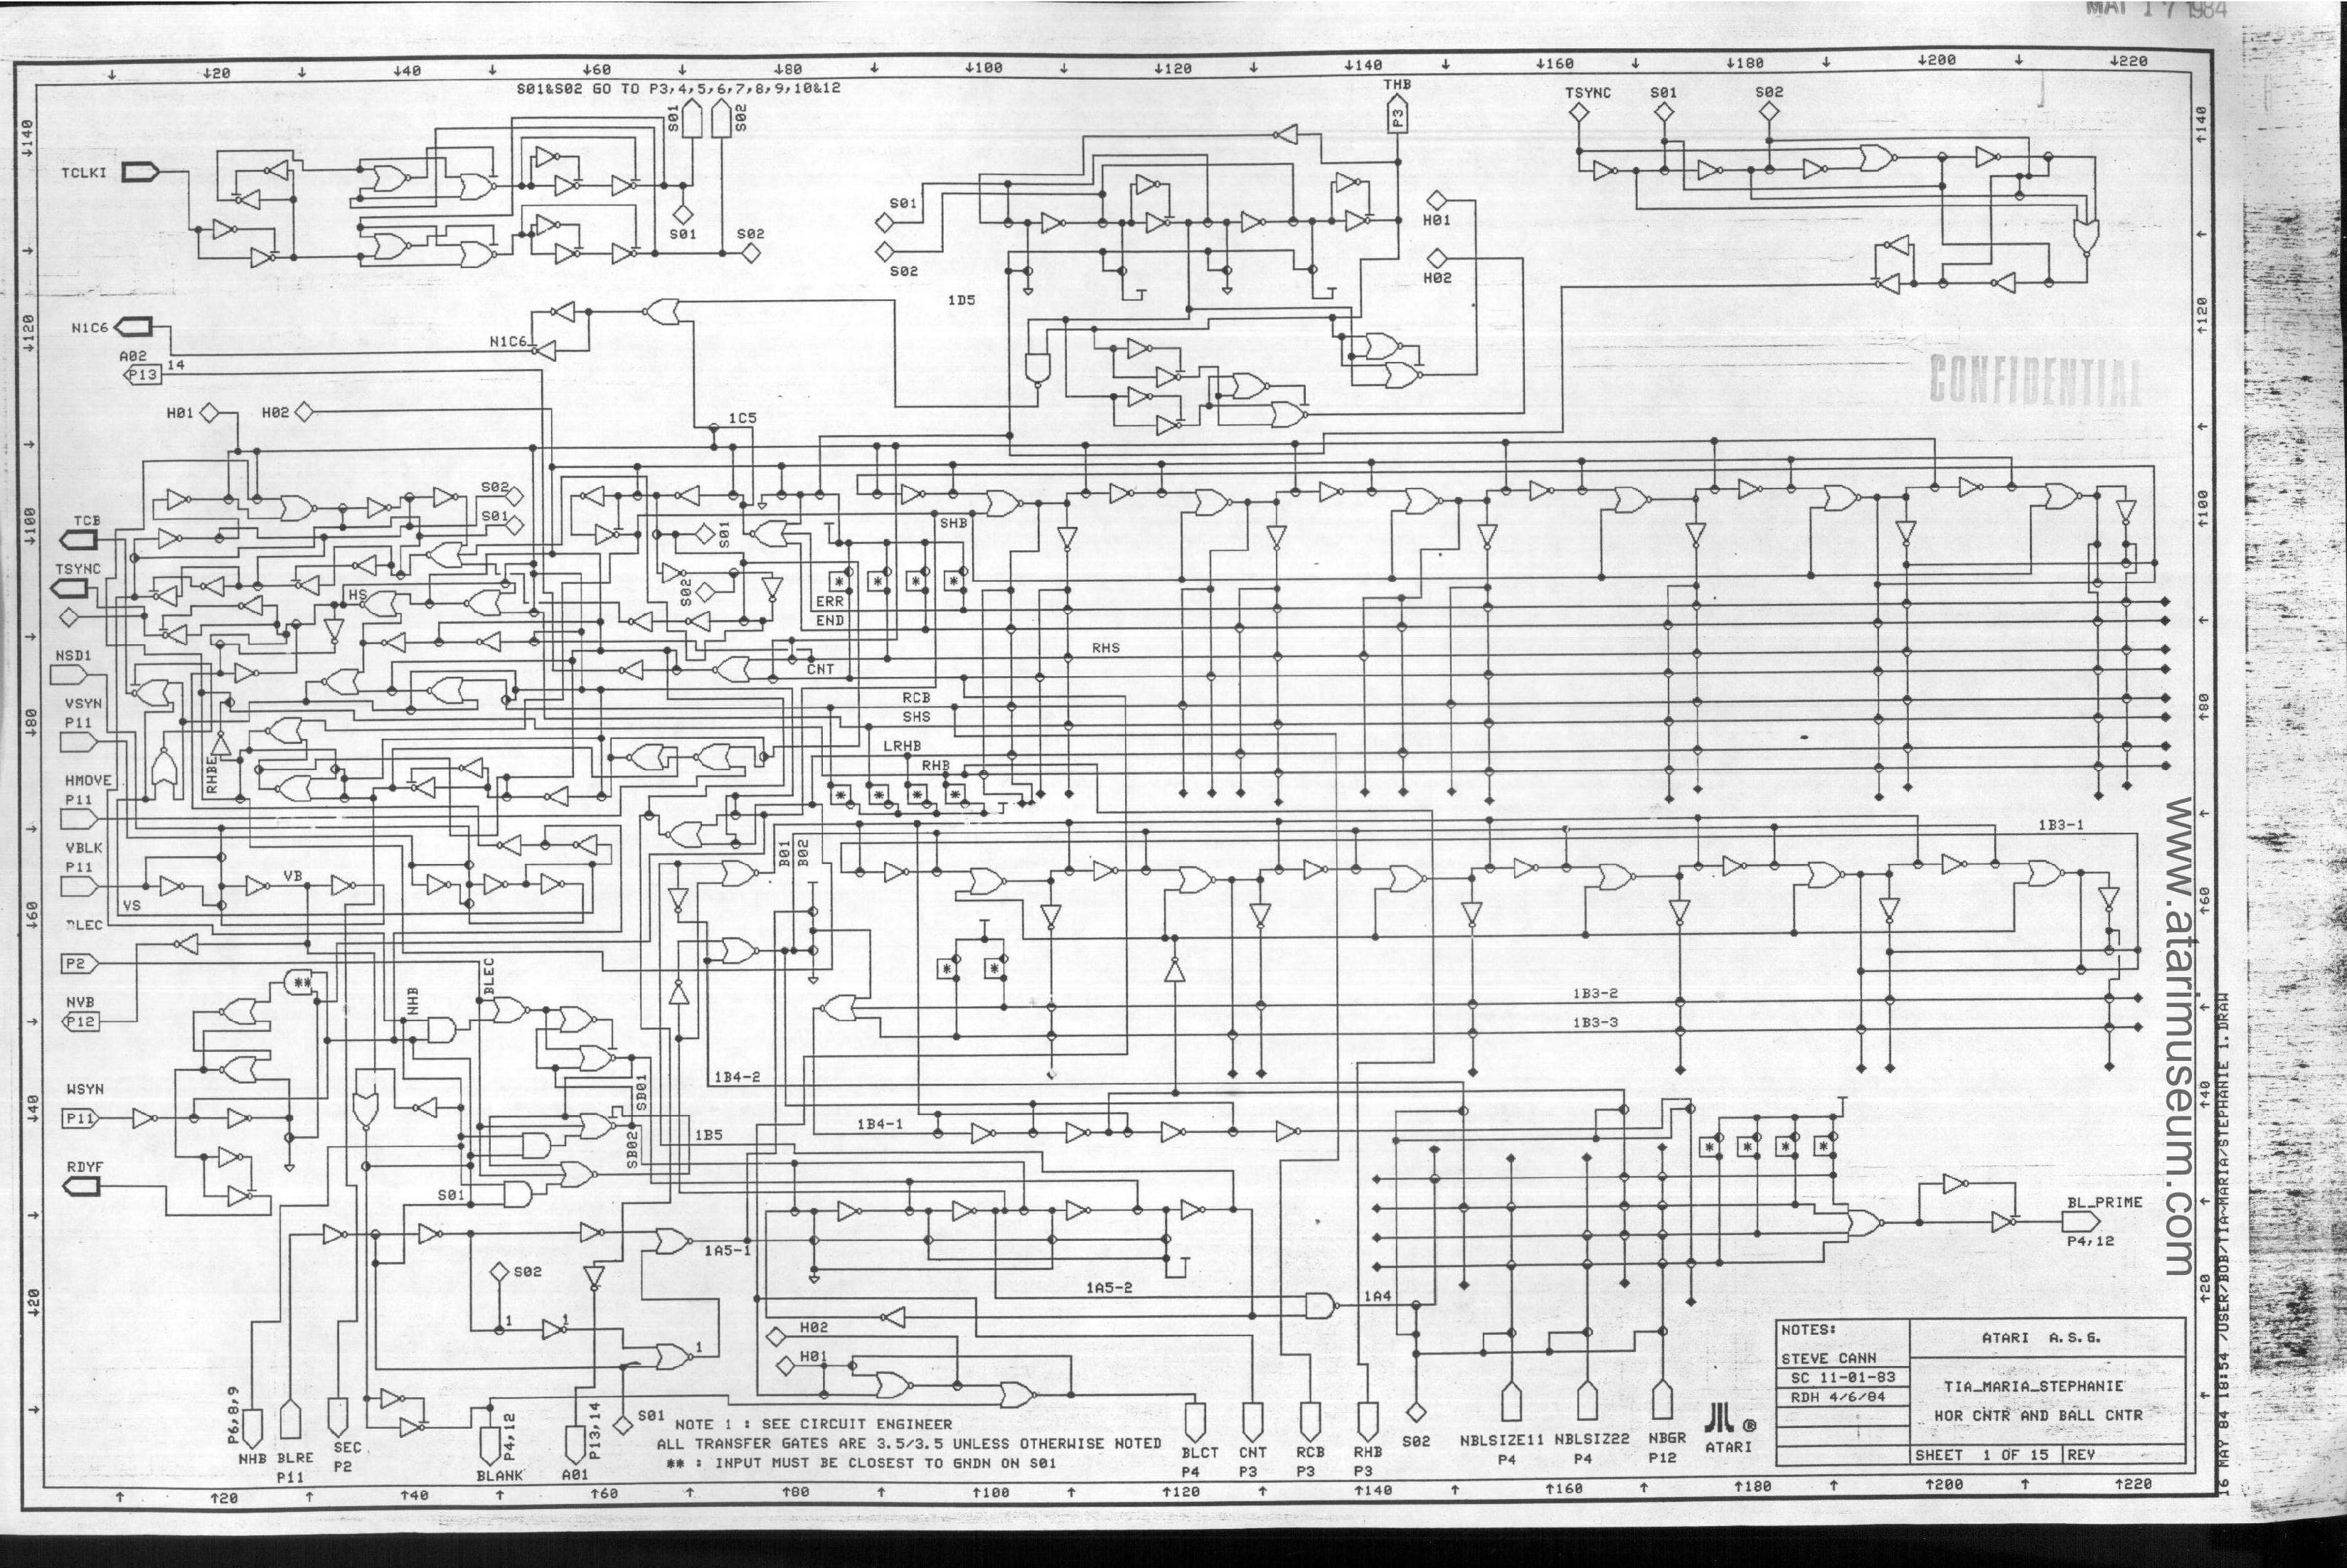 Atari 7800 Schematics Found in Dumpster Treasure Trove